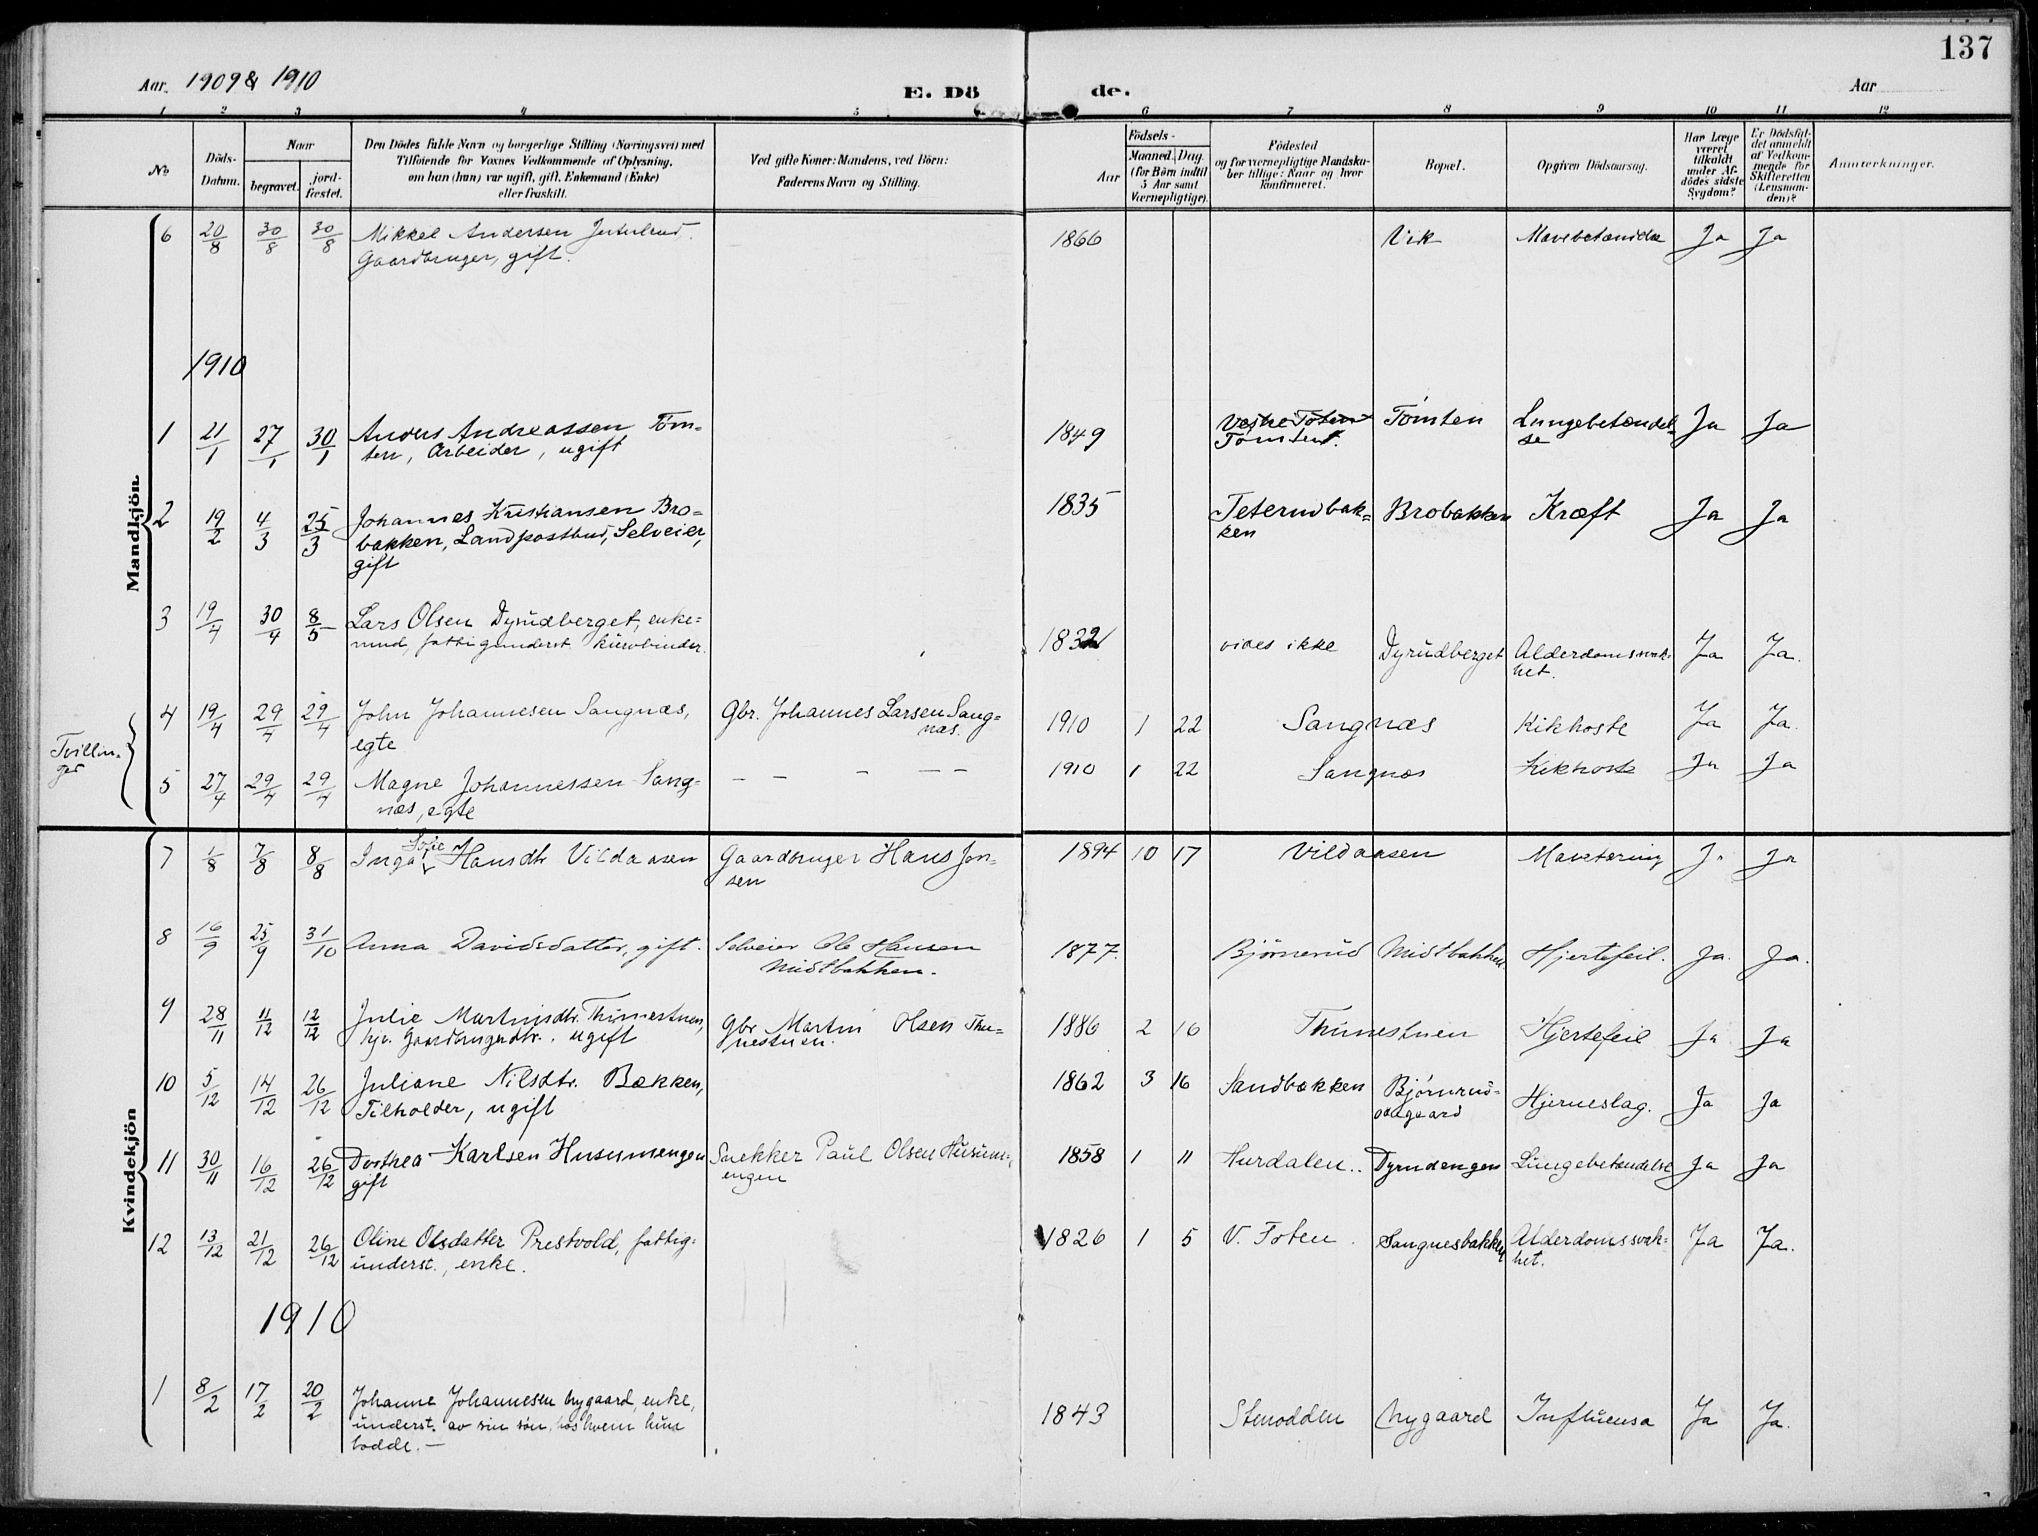 SAH, Kolbu prestekontor, Ministerialbok nr. 1, 1907-1923, s. 137